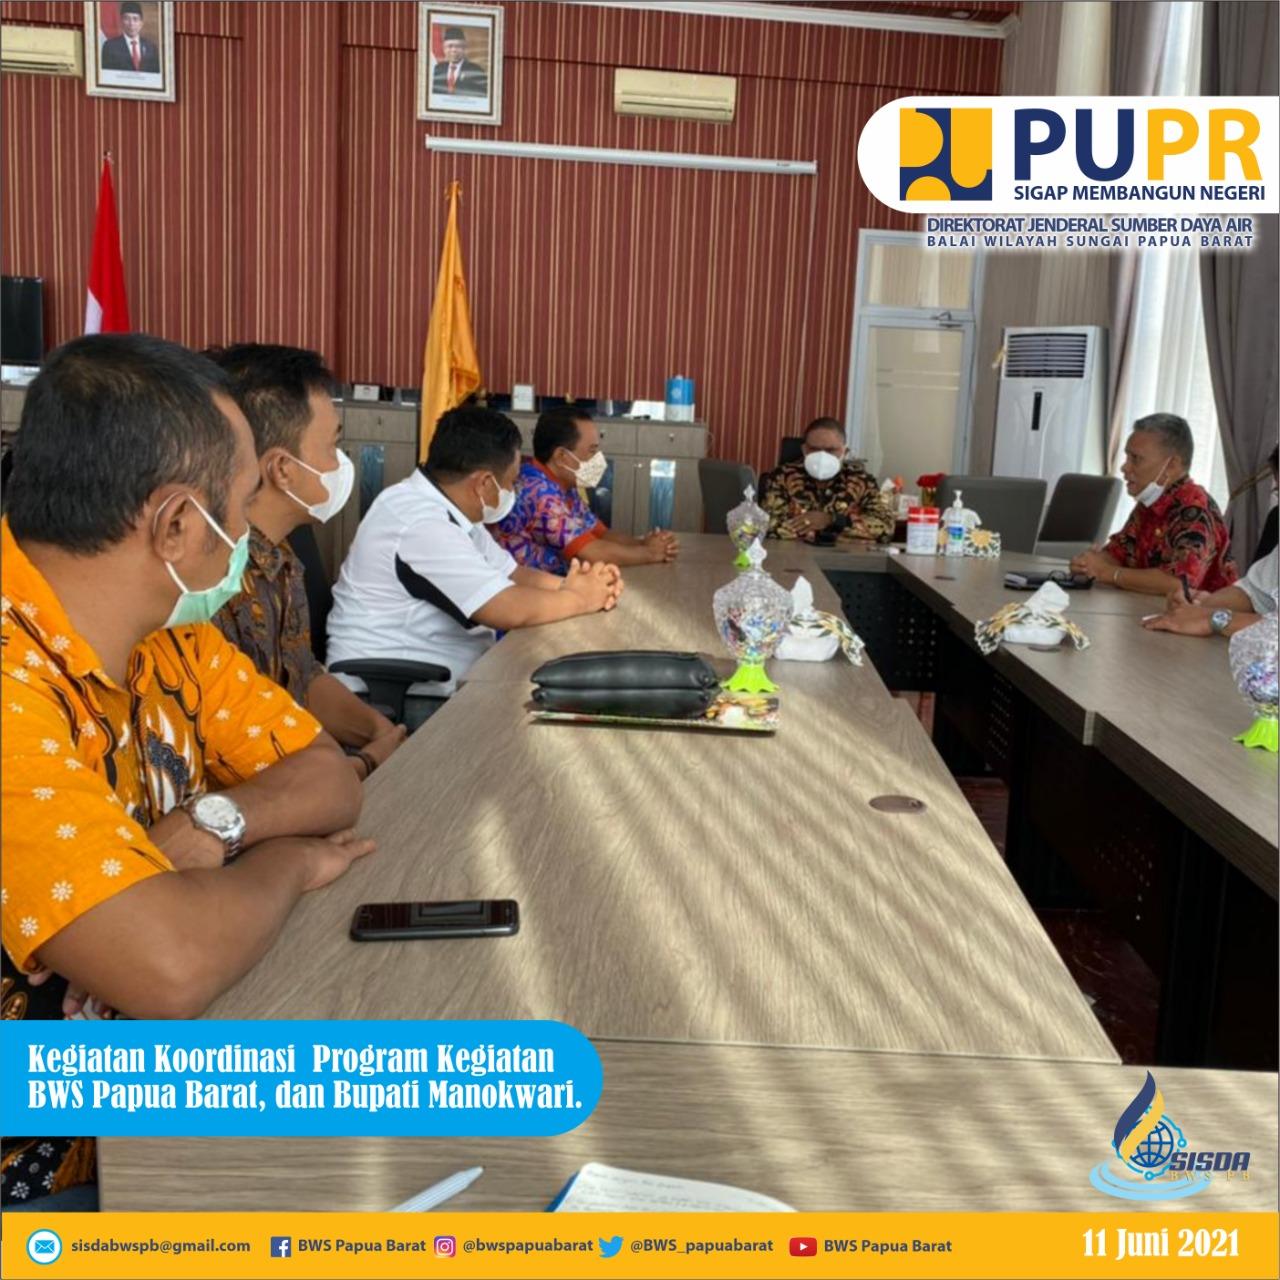 Dukung Program Prioritas, Kepala BWS Papua Barat Audience Bersama Bupati Manokwari